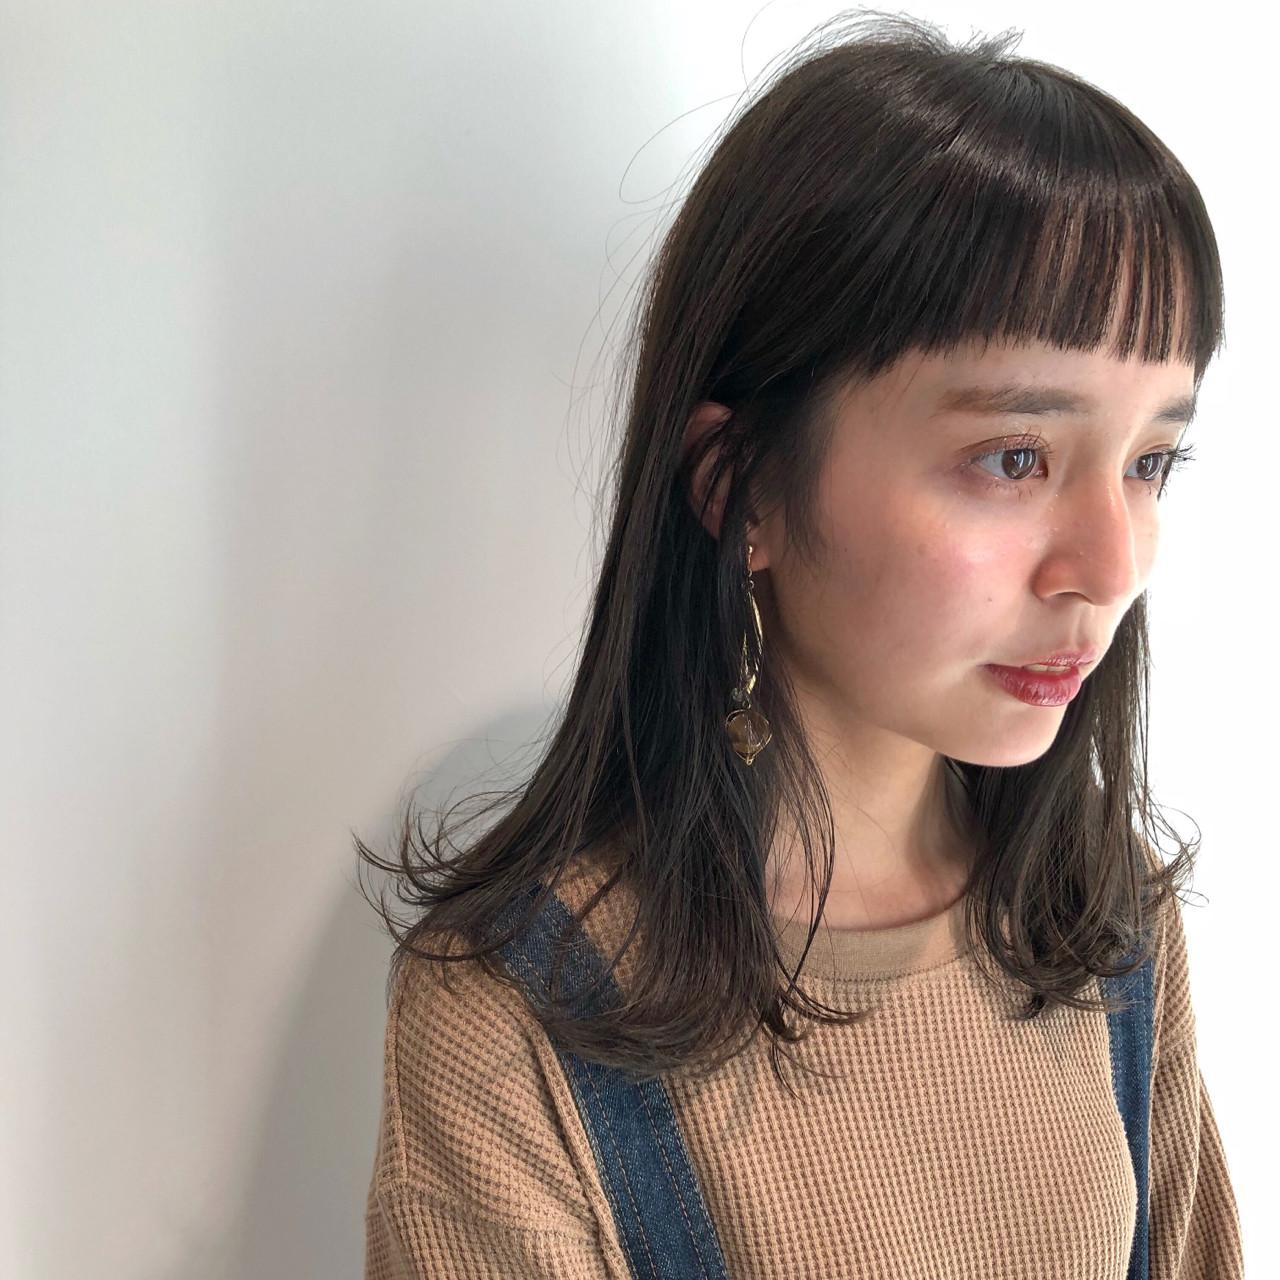 ナチュラル 黒髪 ミディアム シースルーバング ヘアスタイルや髪型の写真・画像 | 磯田 基徳 / siki